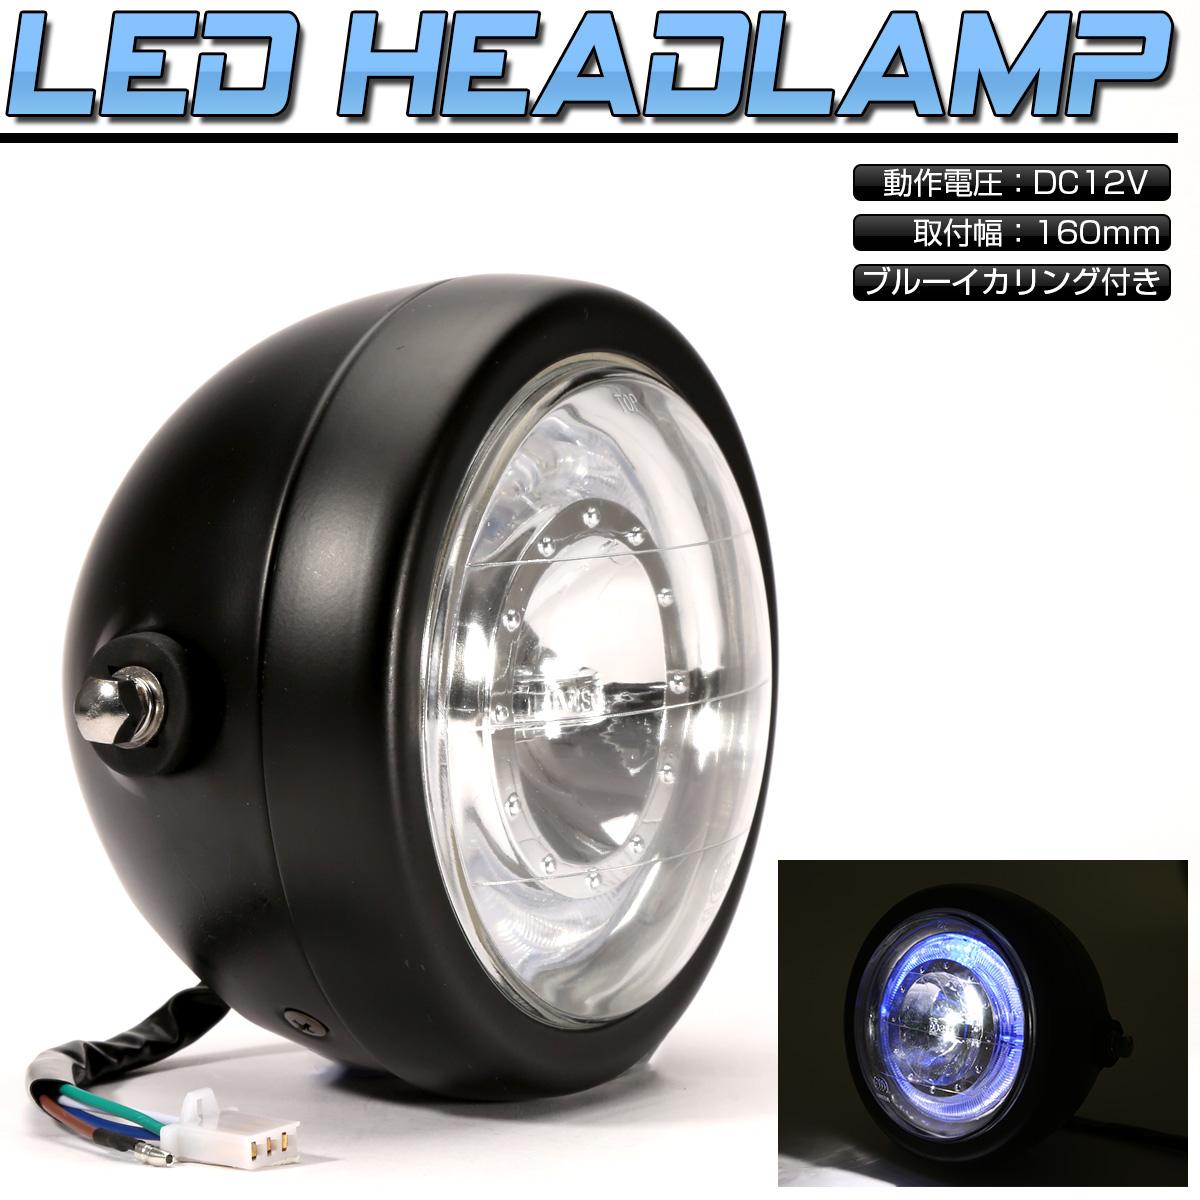 汎用 LEDヘッドランプ ユニット ブルー イカリング 取付け幅160mm ブラック ケース付 P-615